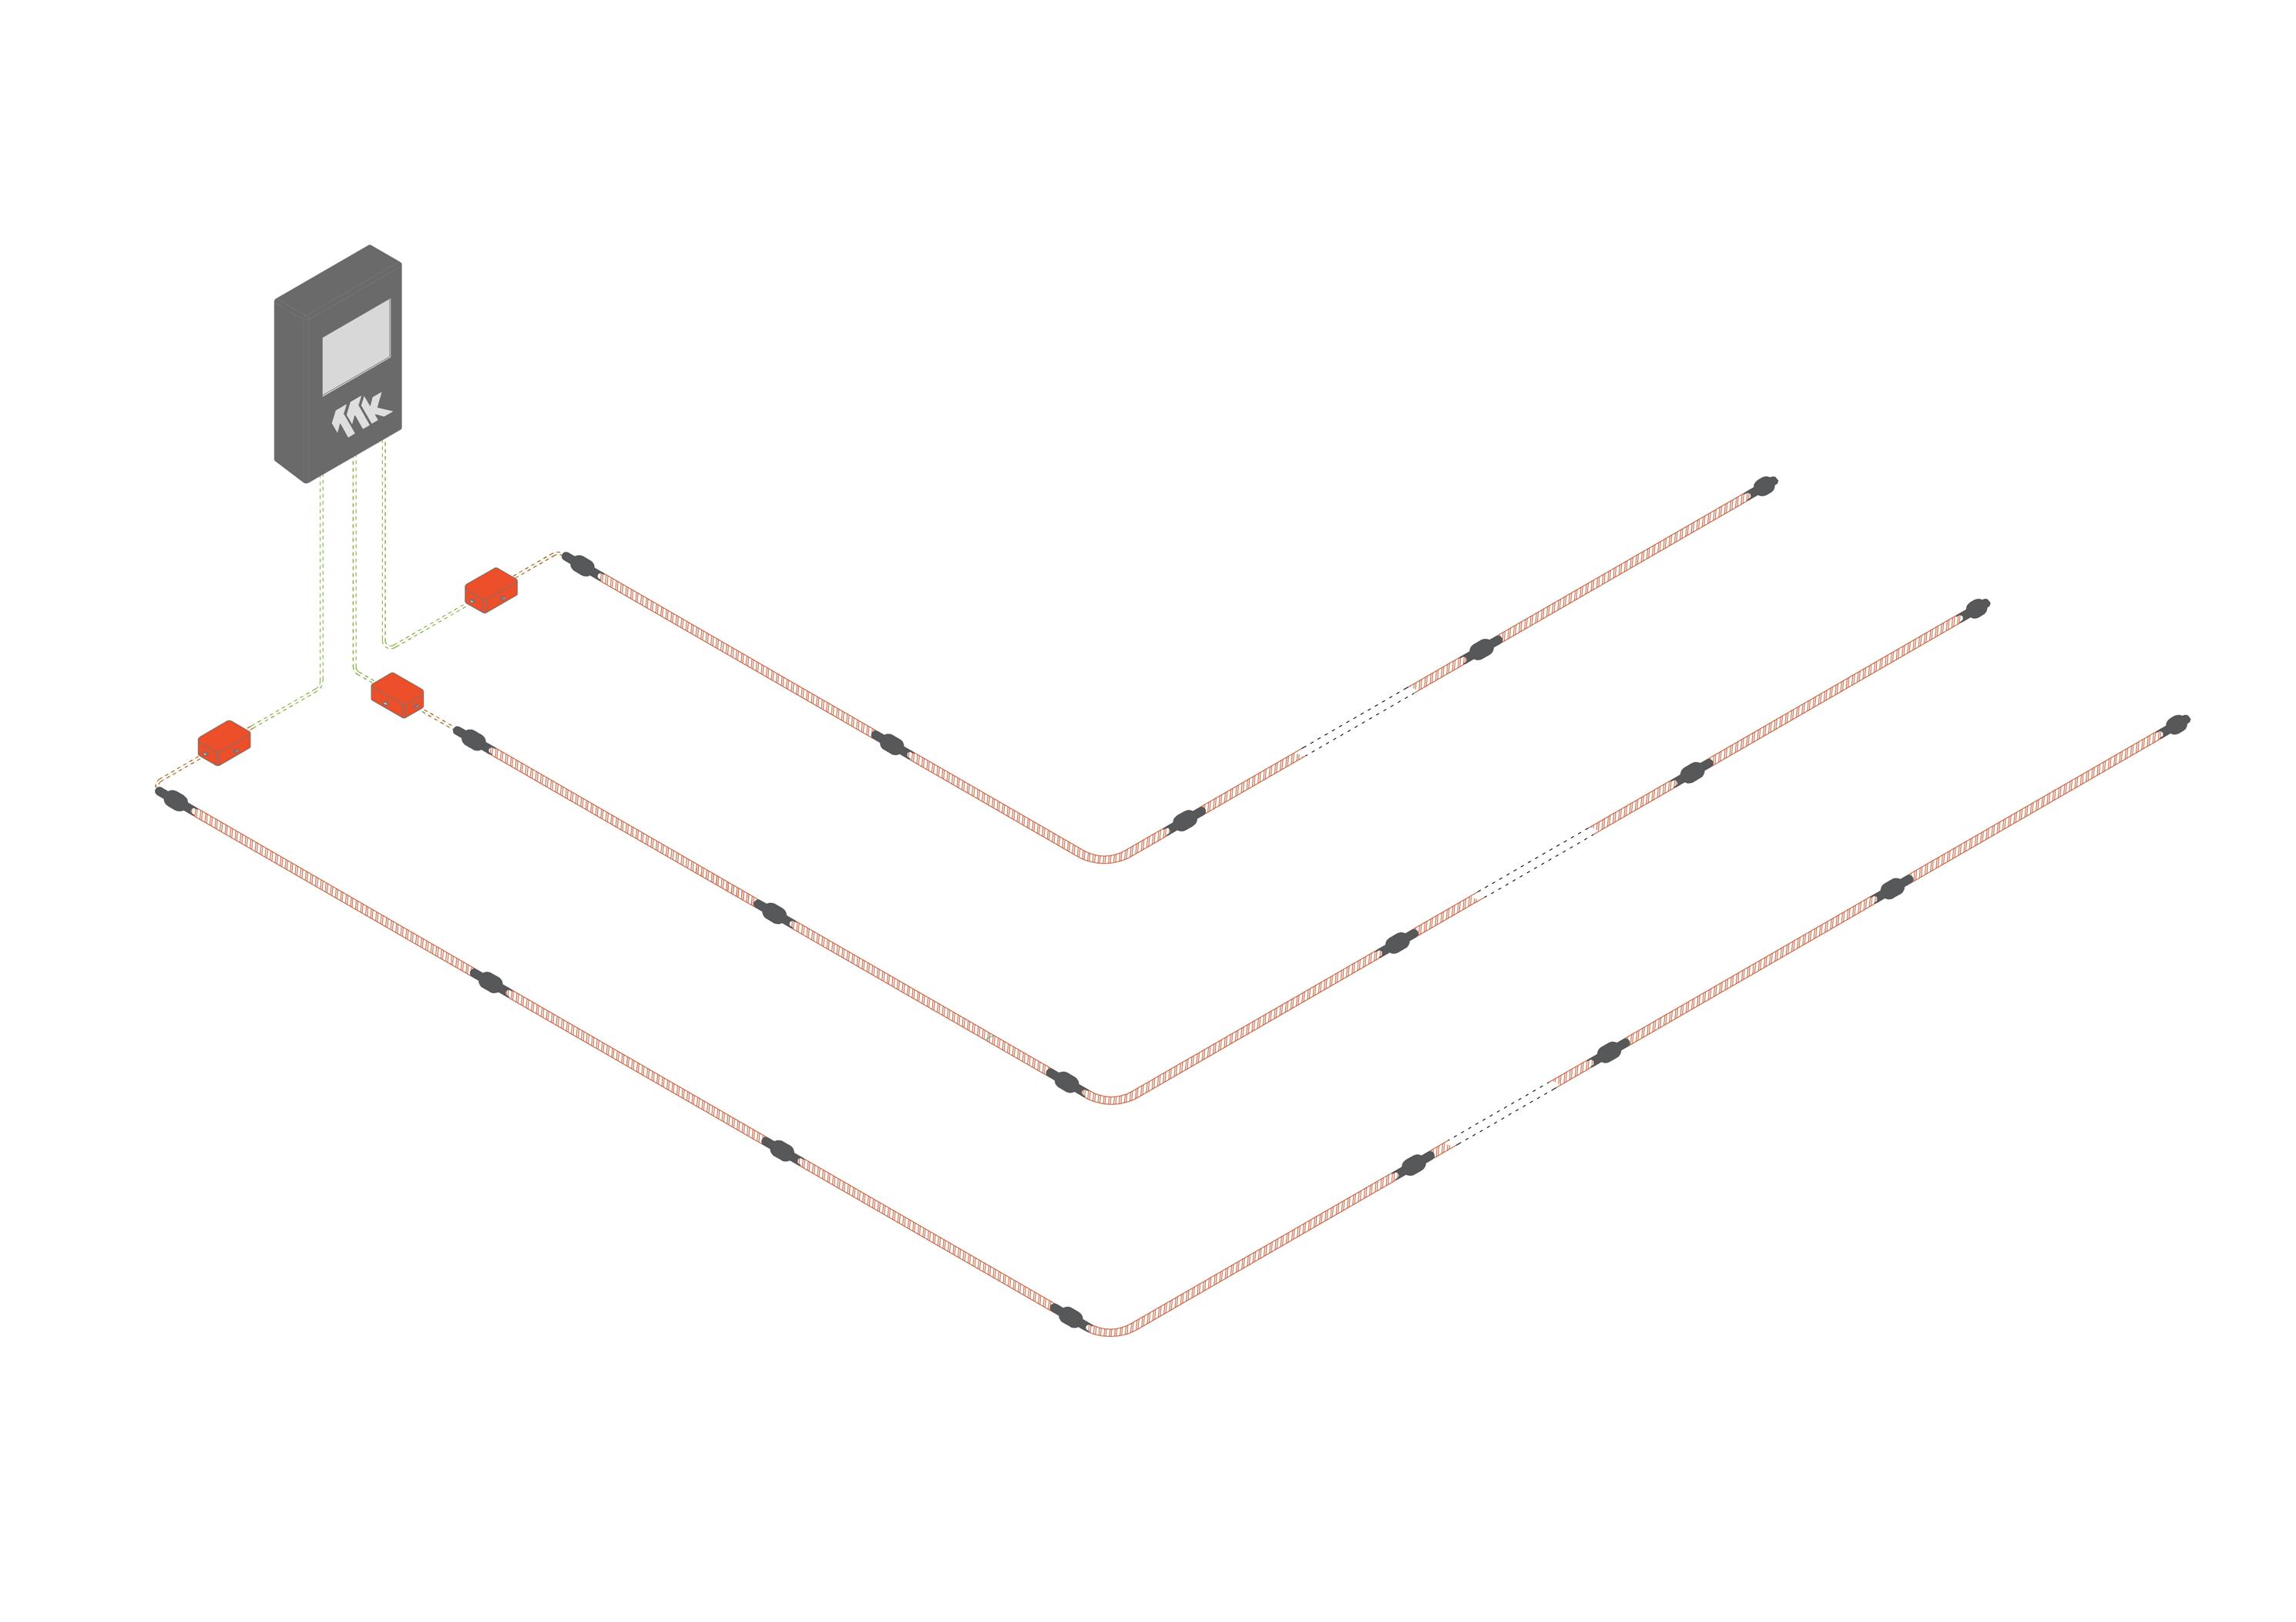 Diagramme - Détection avec localisation de fuites d'hydrocarbures AVEC CENTRALE FG-NET